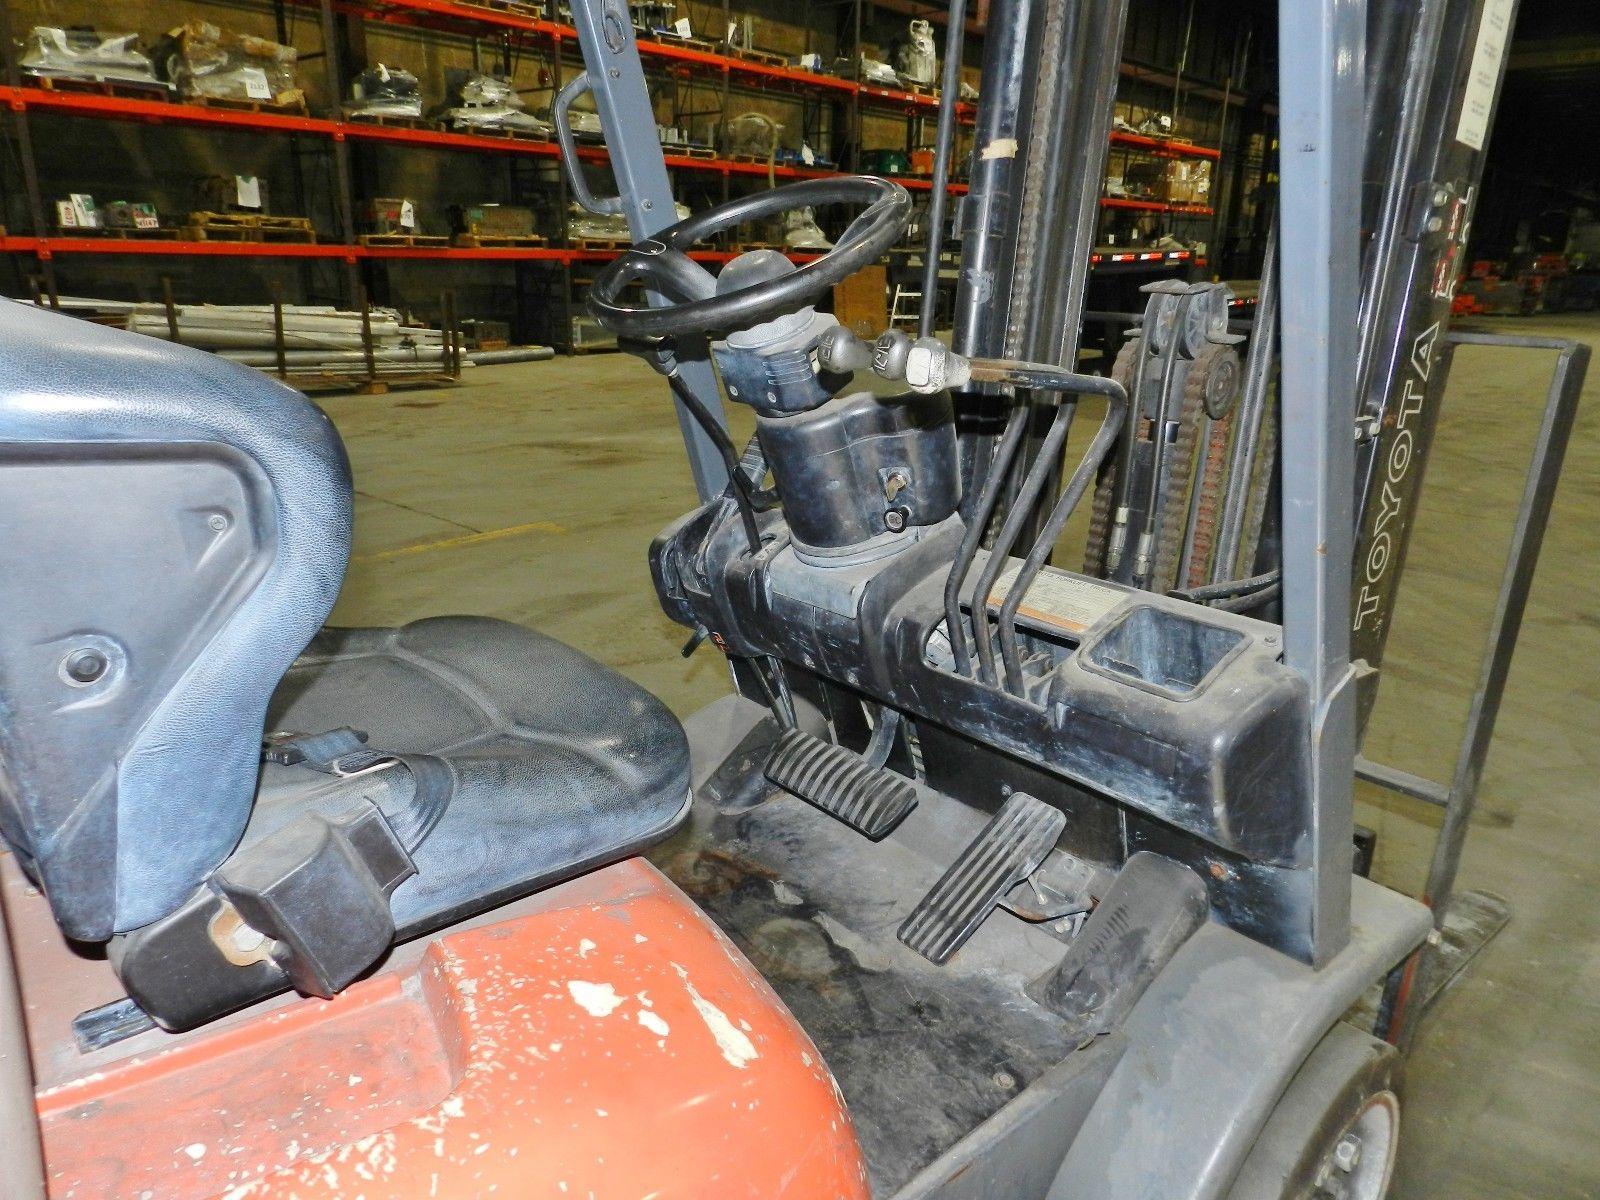 Lot 2 - Toyota 5000lb LP Forklift